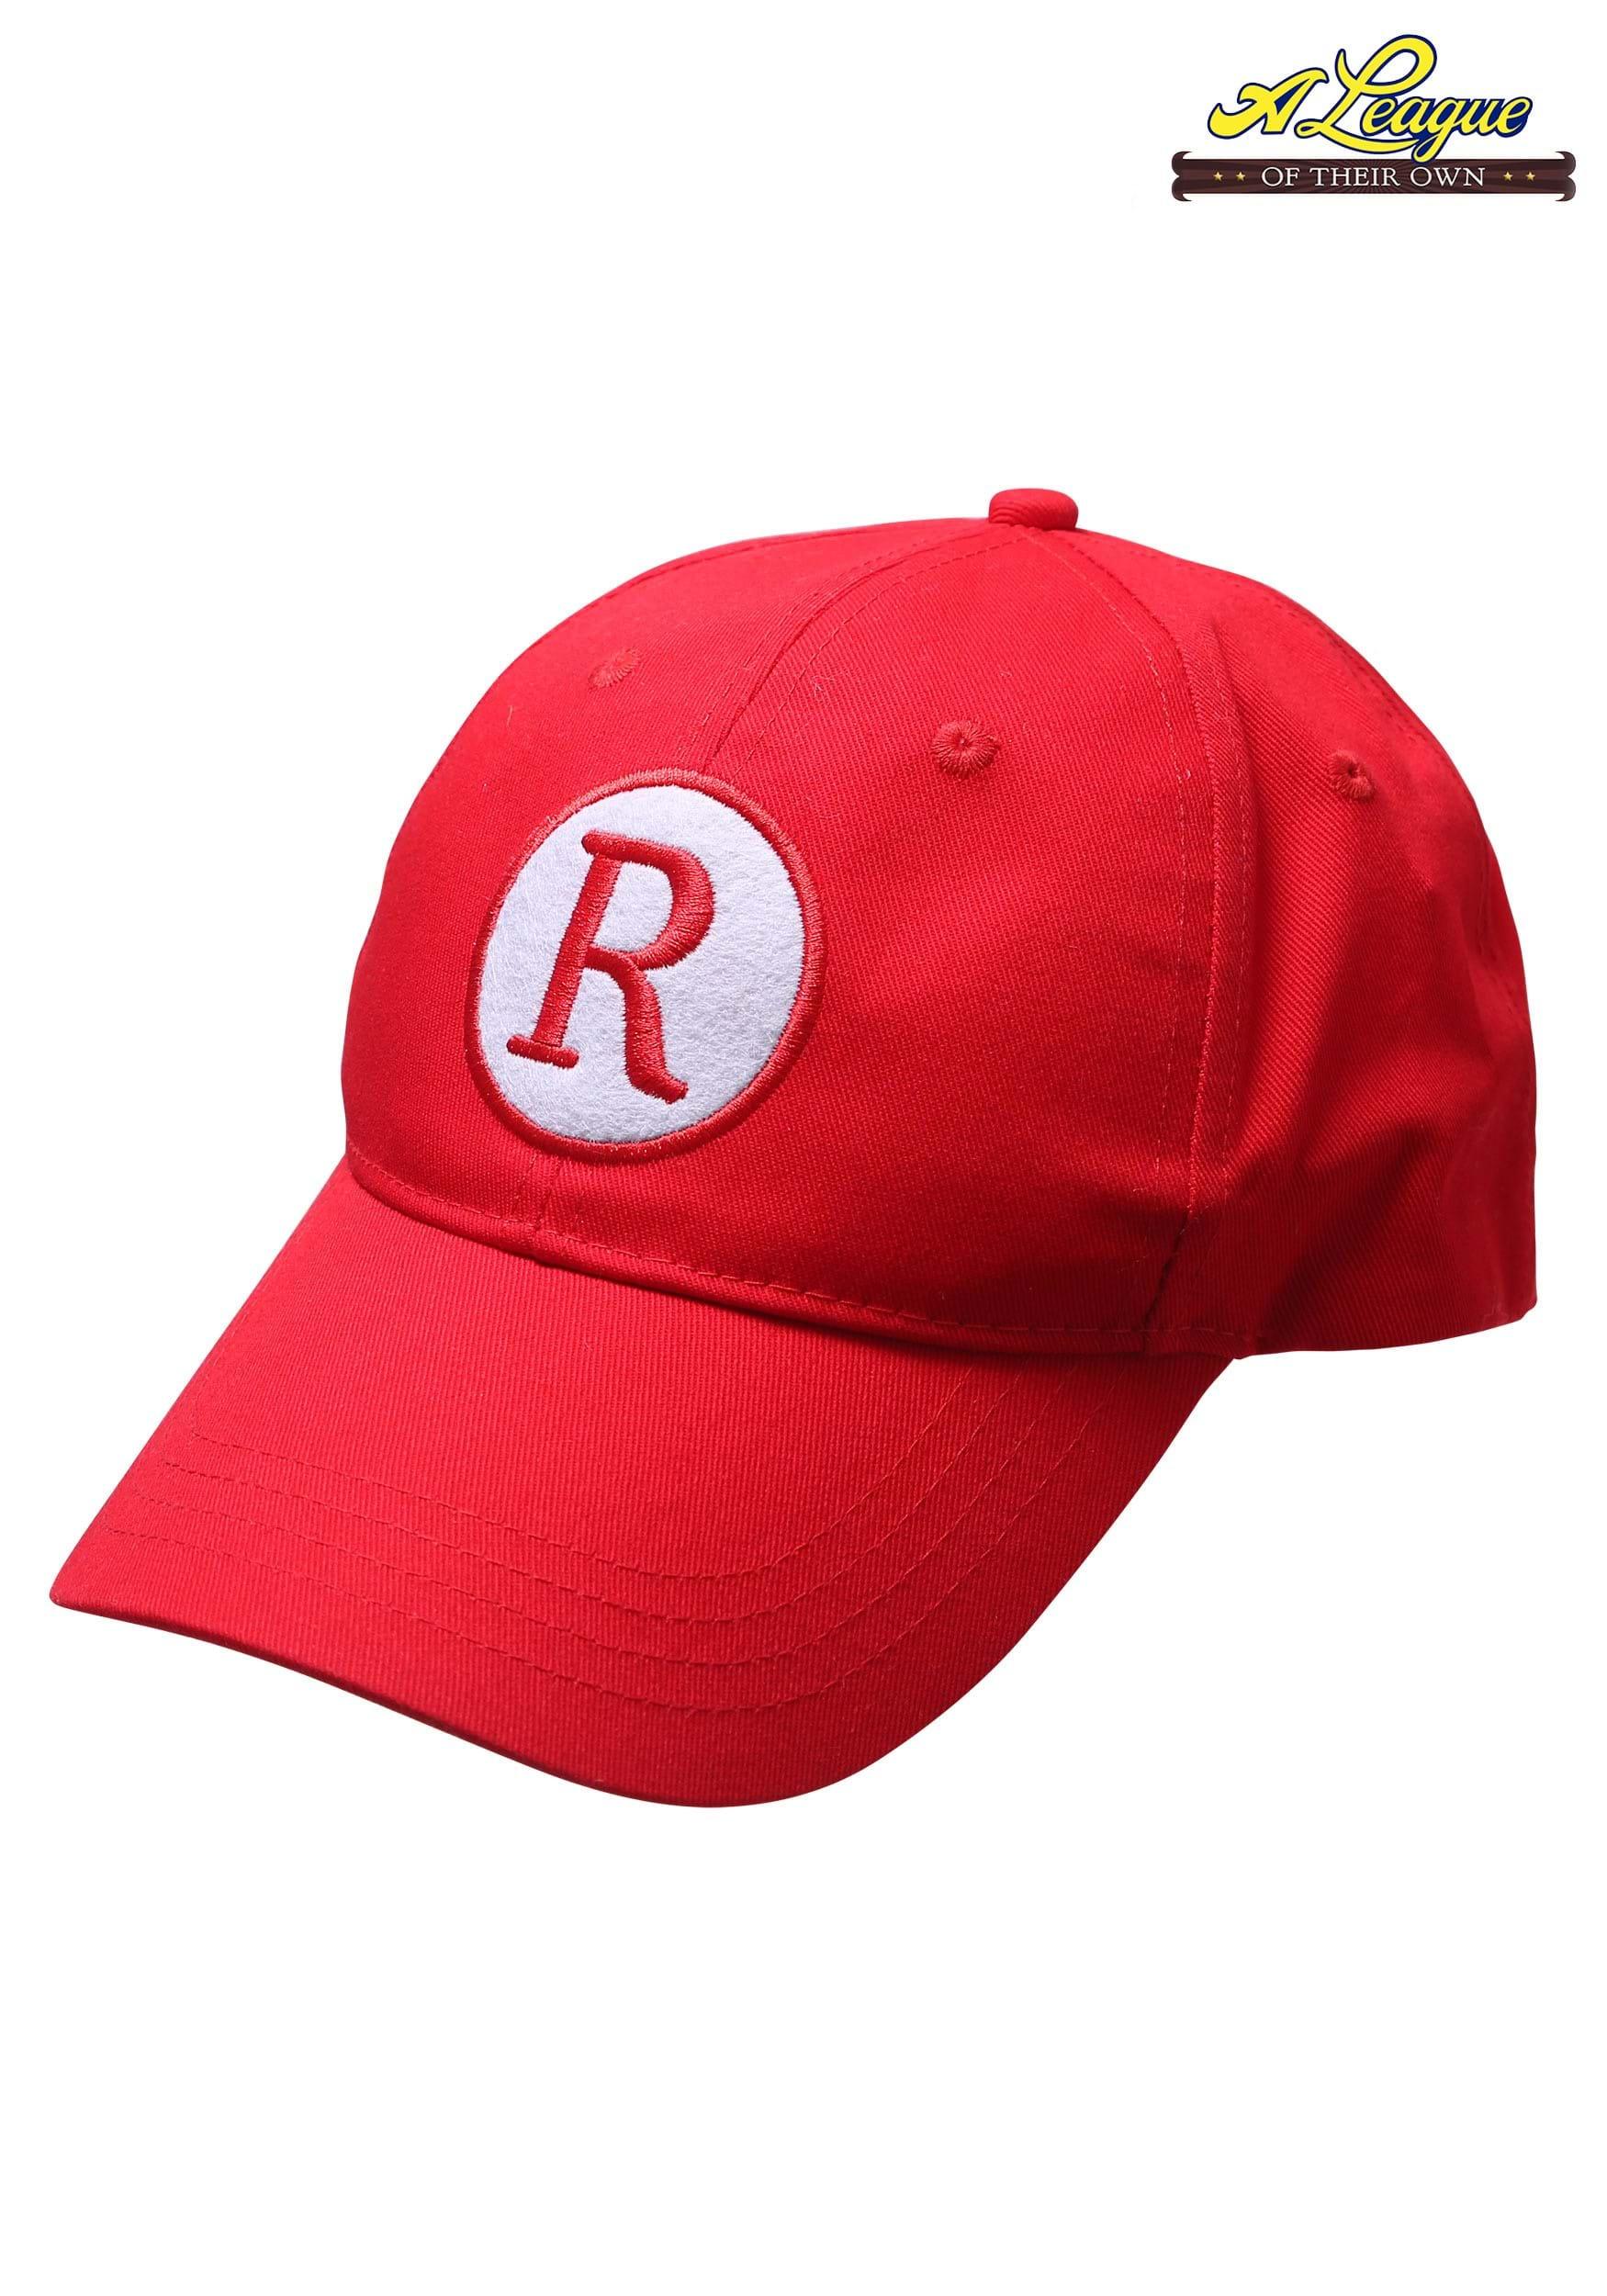 e0e545d6990 A League of Their Own Baseball Hat